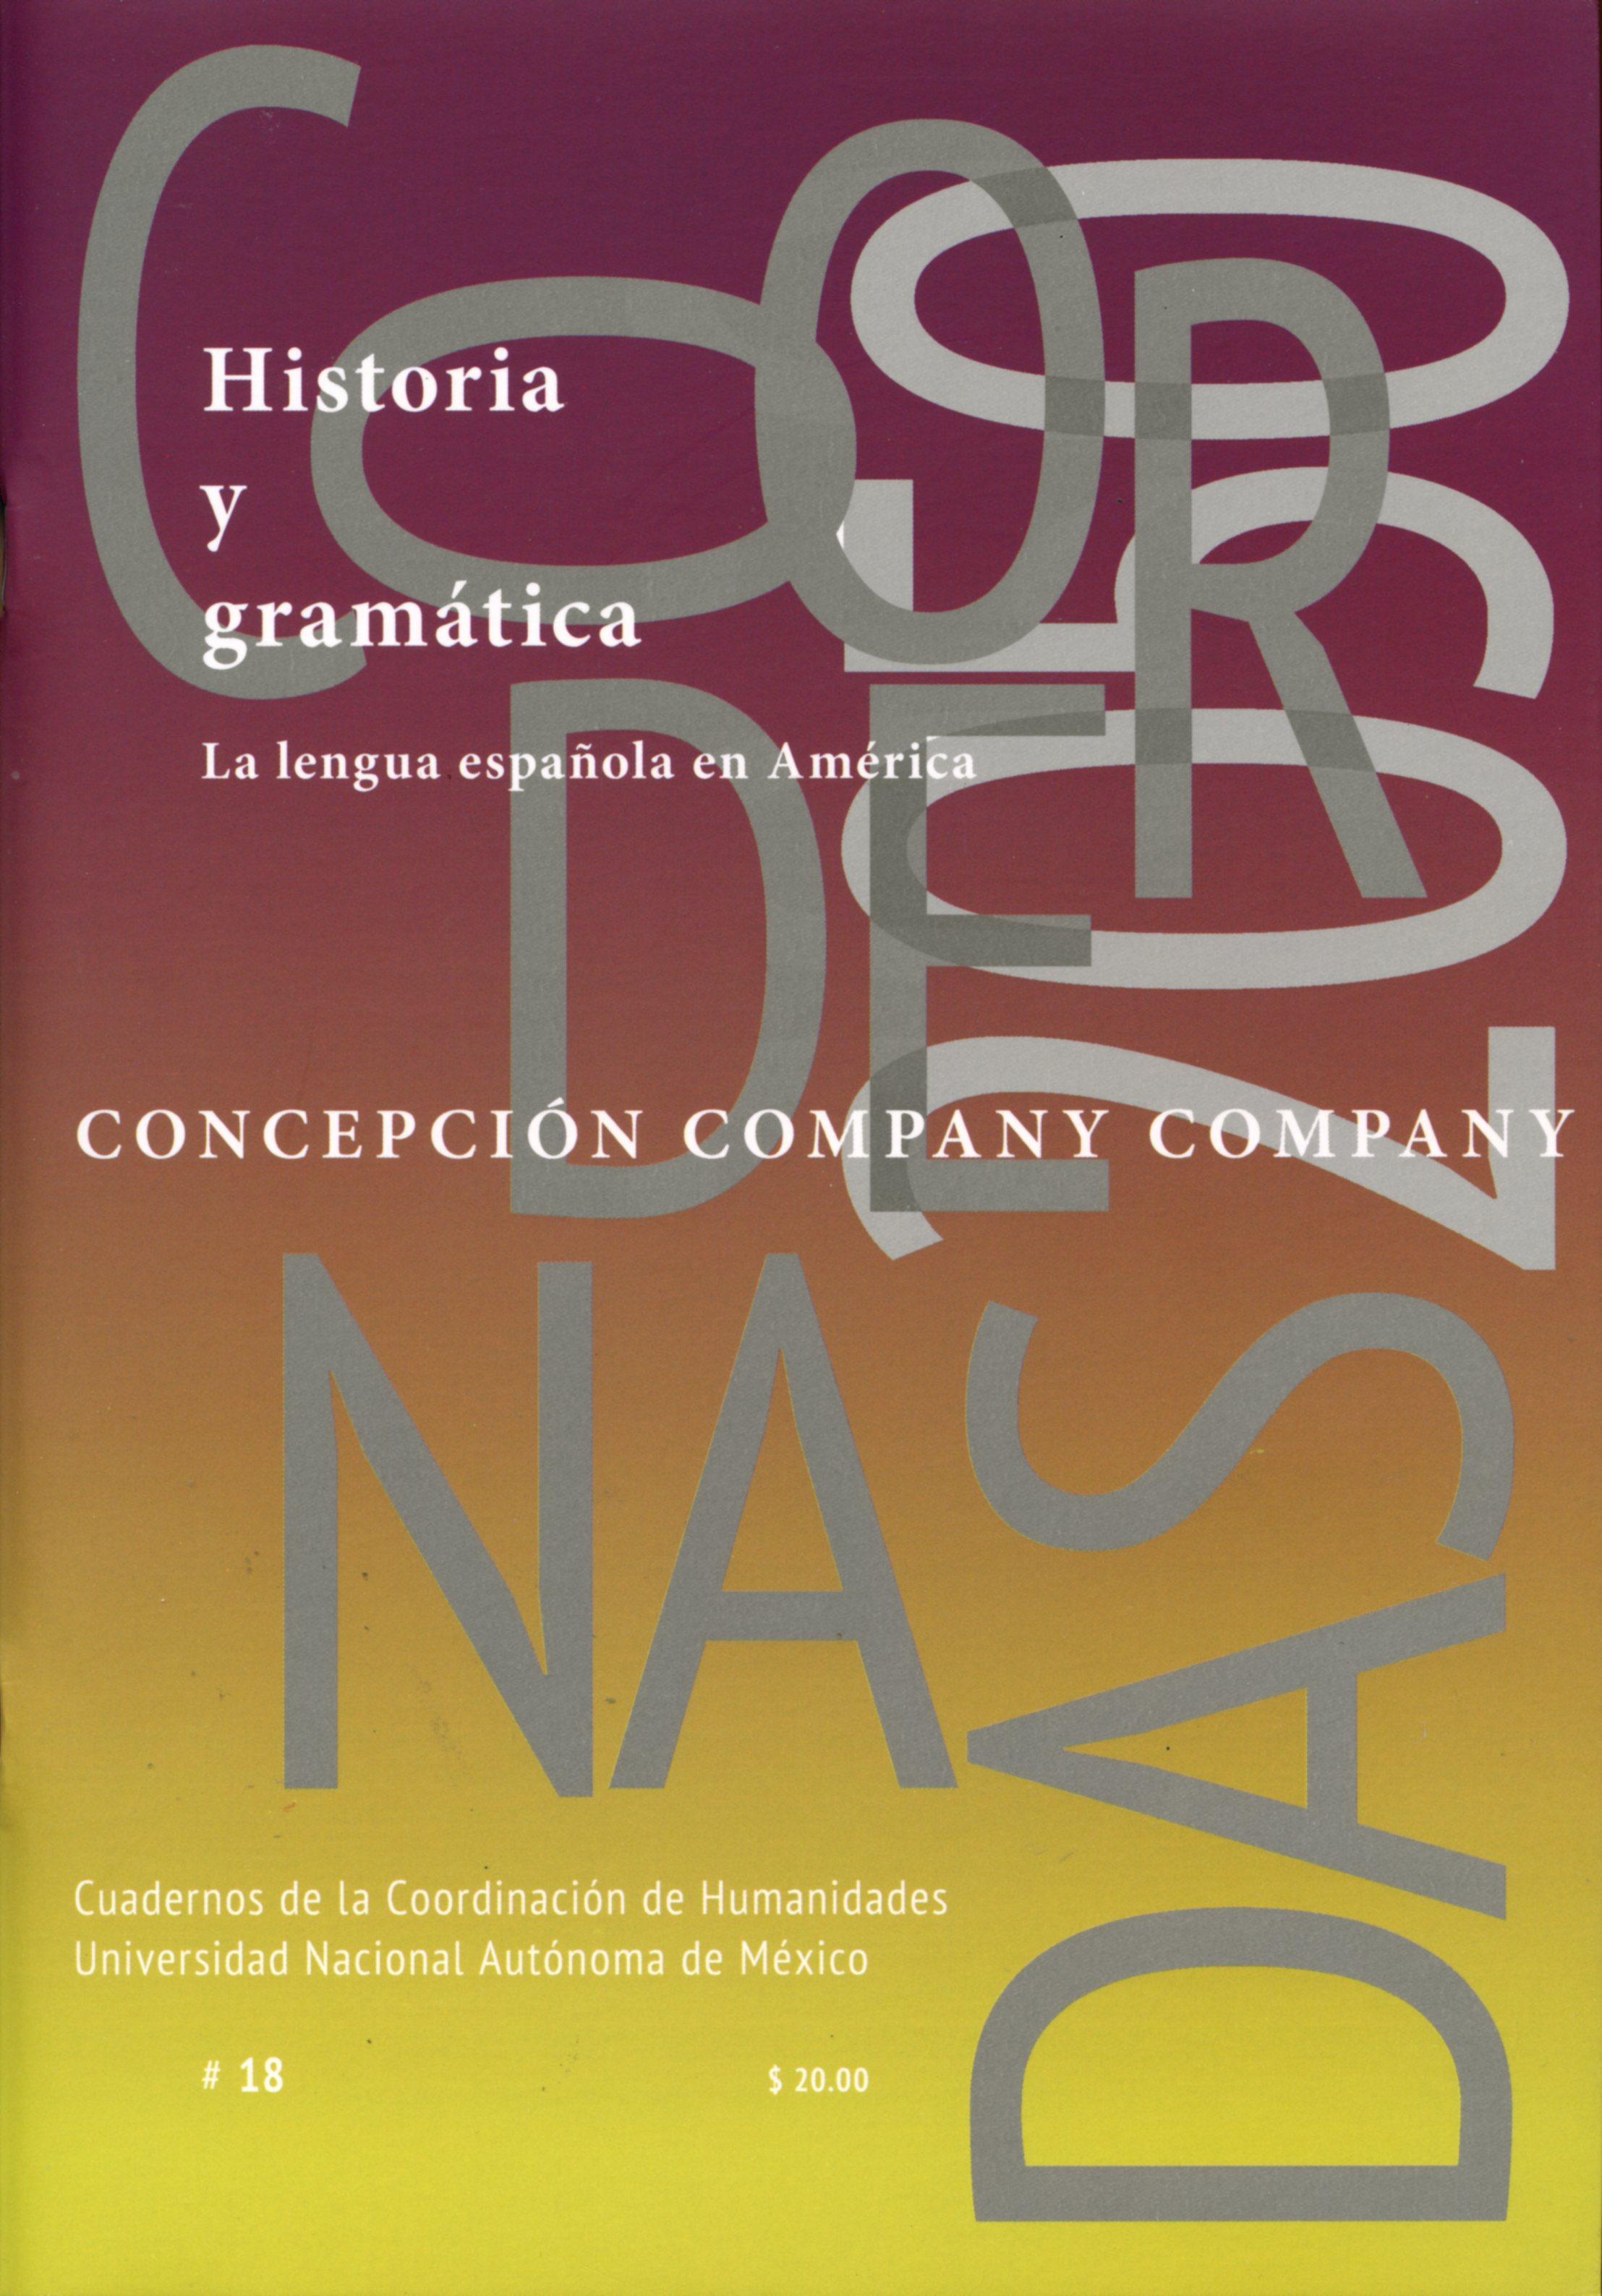 Historia y gramática. La lengua española en América